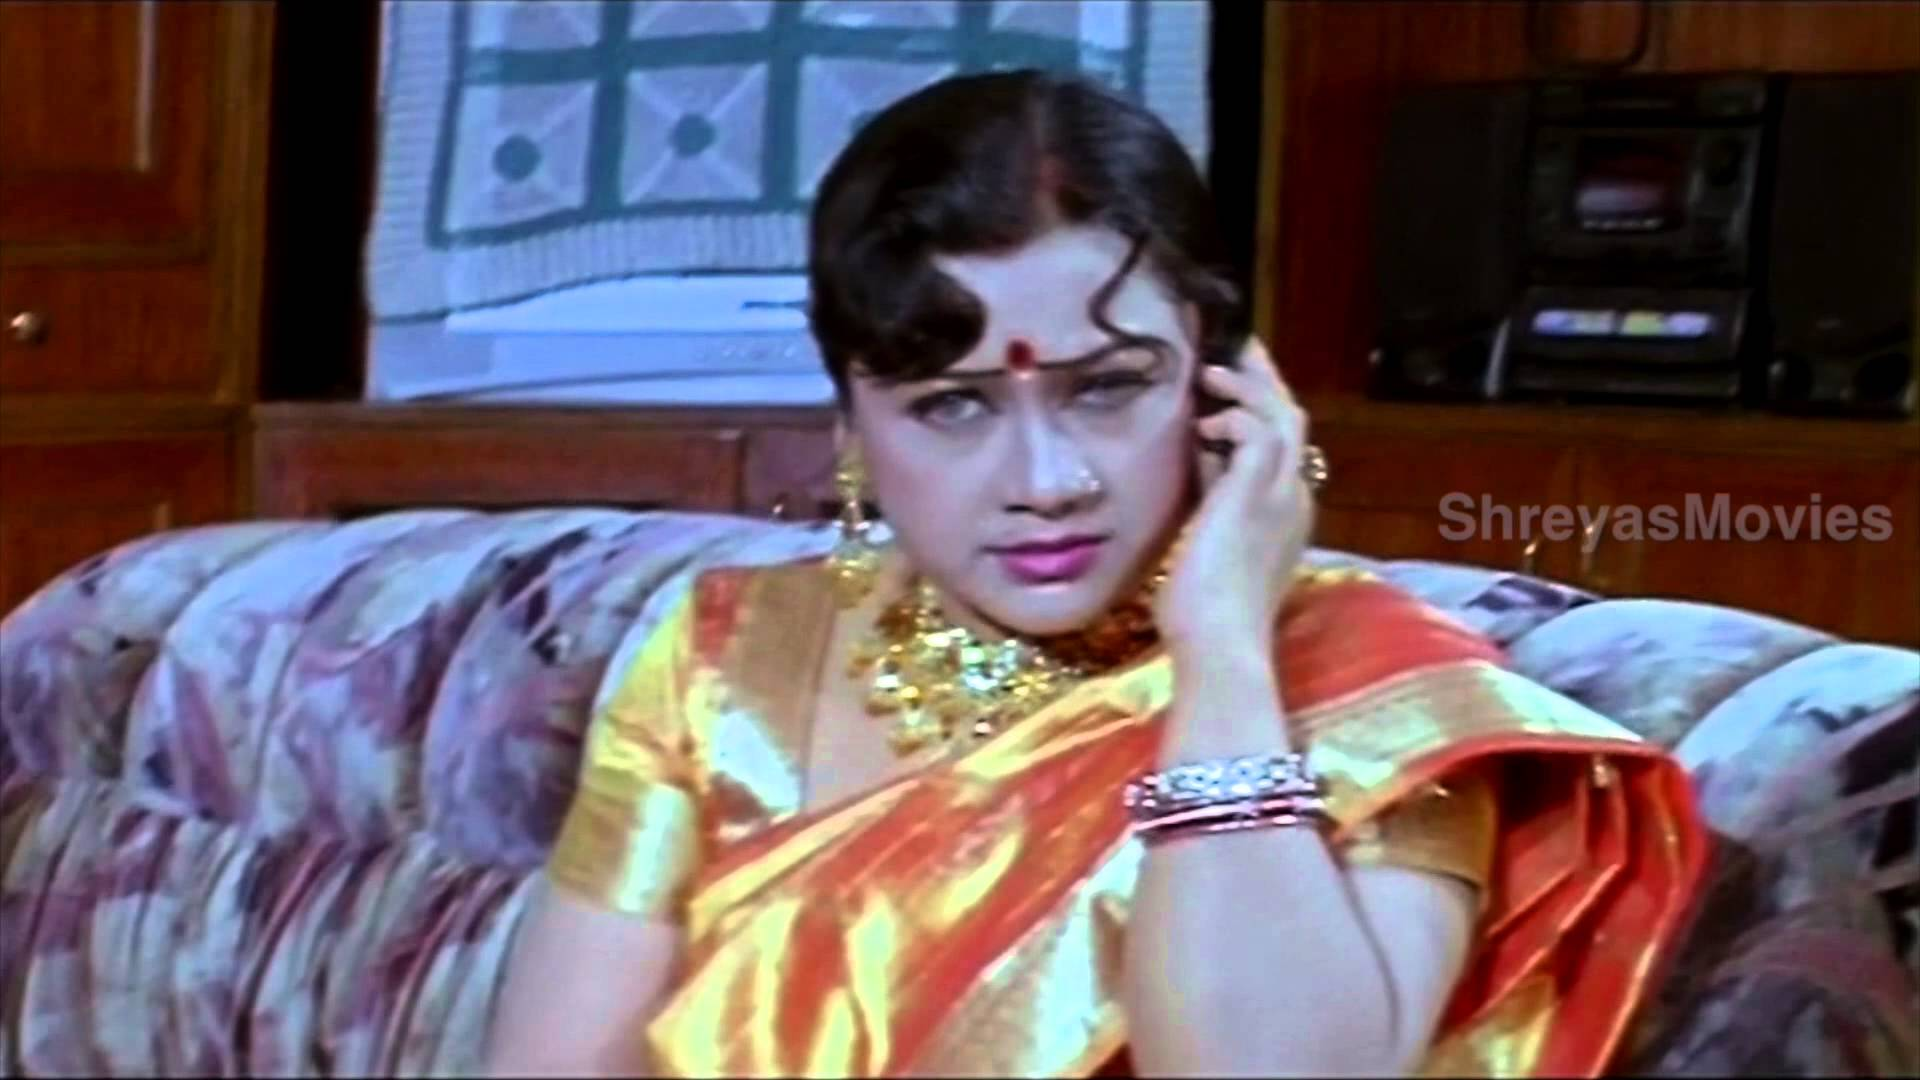 Watch Aishwarya Rai Bachchan video